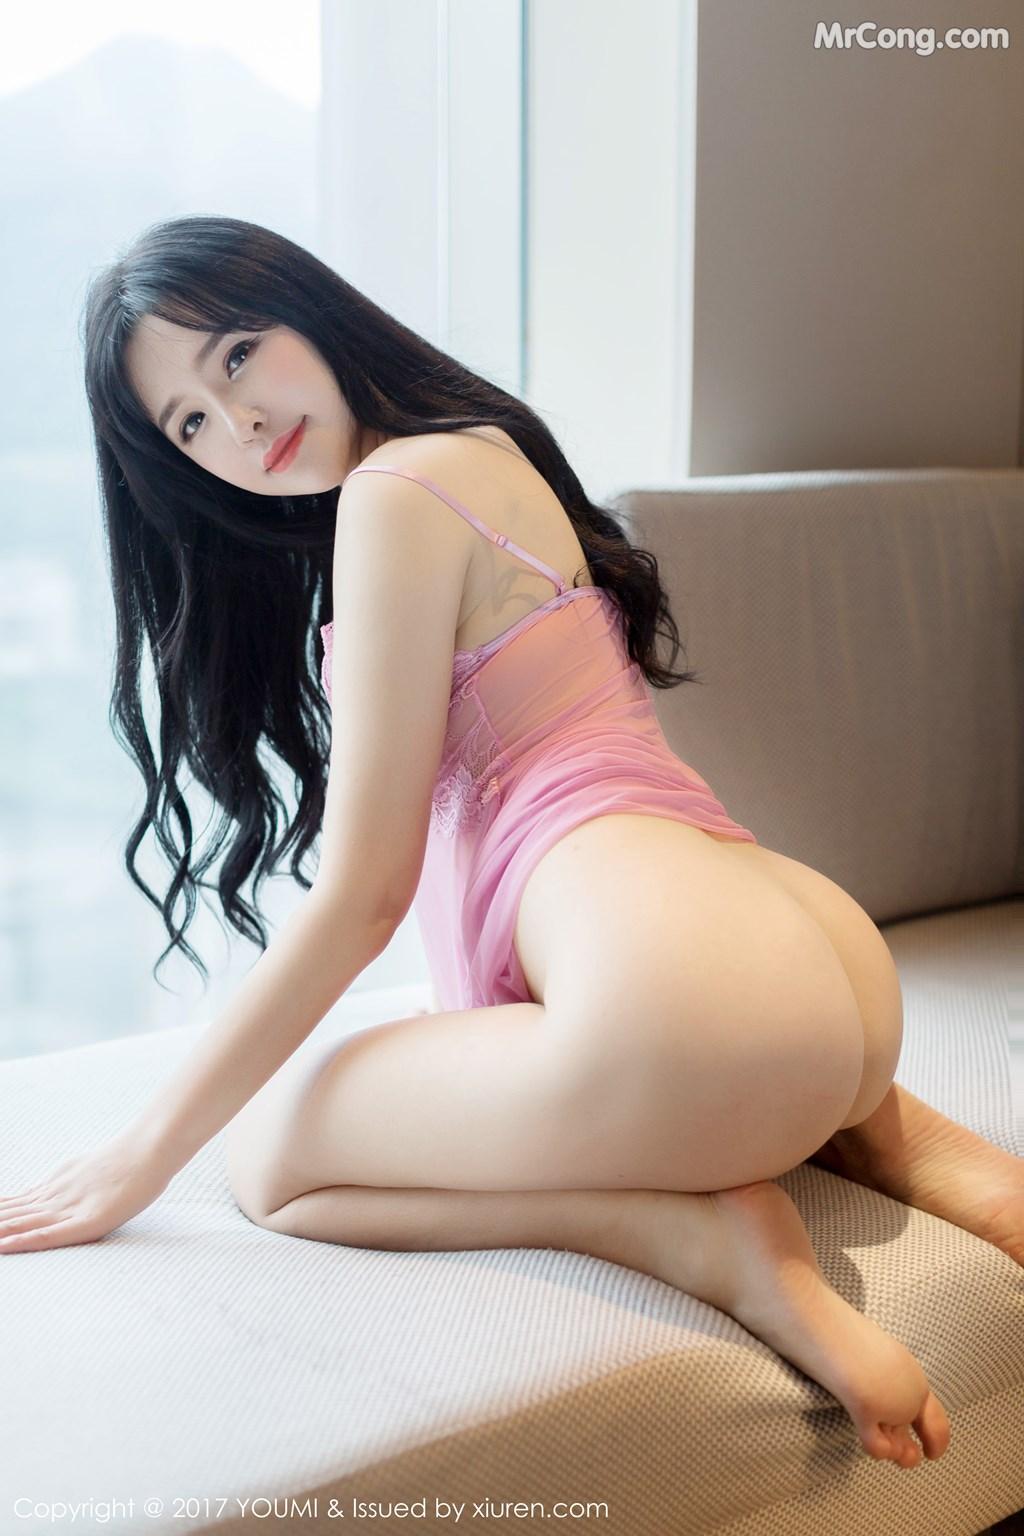 YouMi No.067: Người mẫu Liu Yu Er (刘钰儿) (45 ảnh)